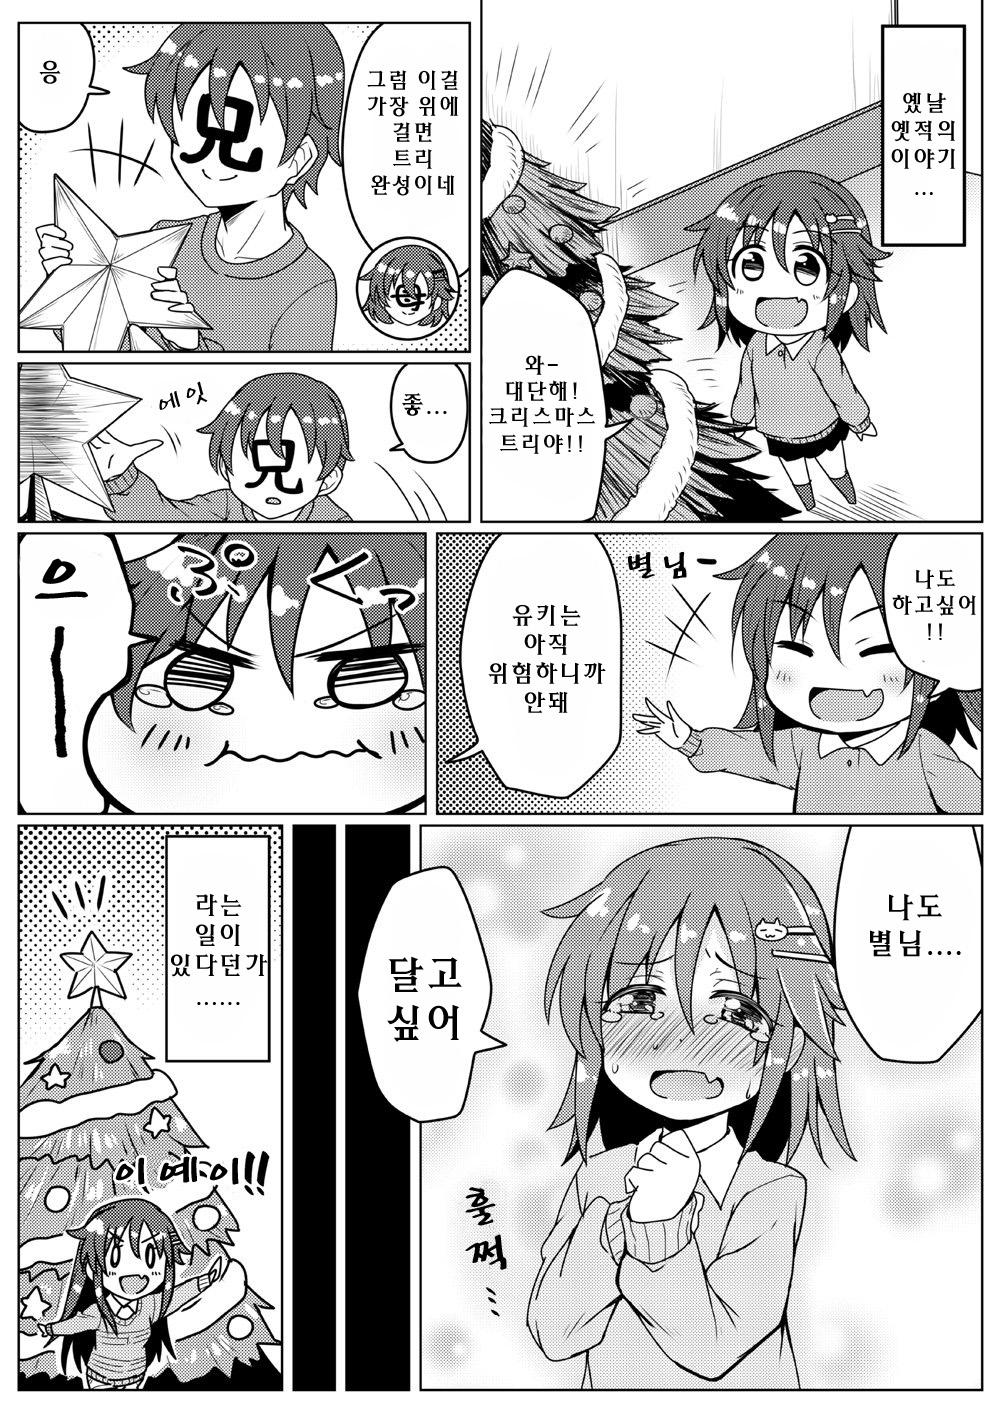 [신데]어렸을적 유키, 유치원생 마유, 쇼코